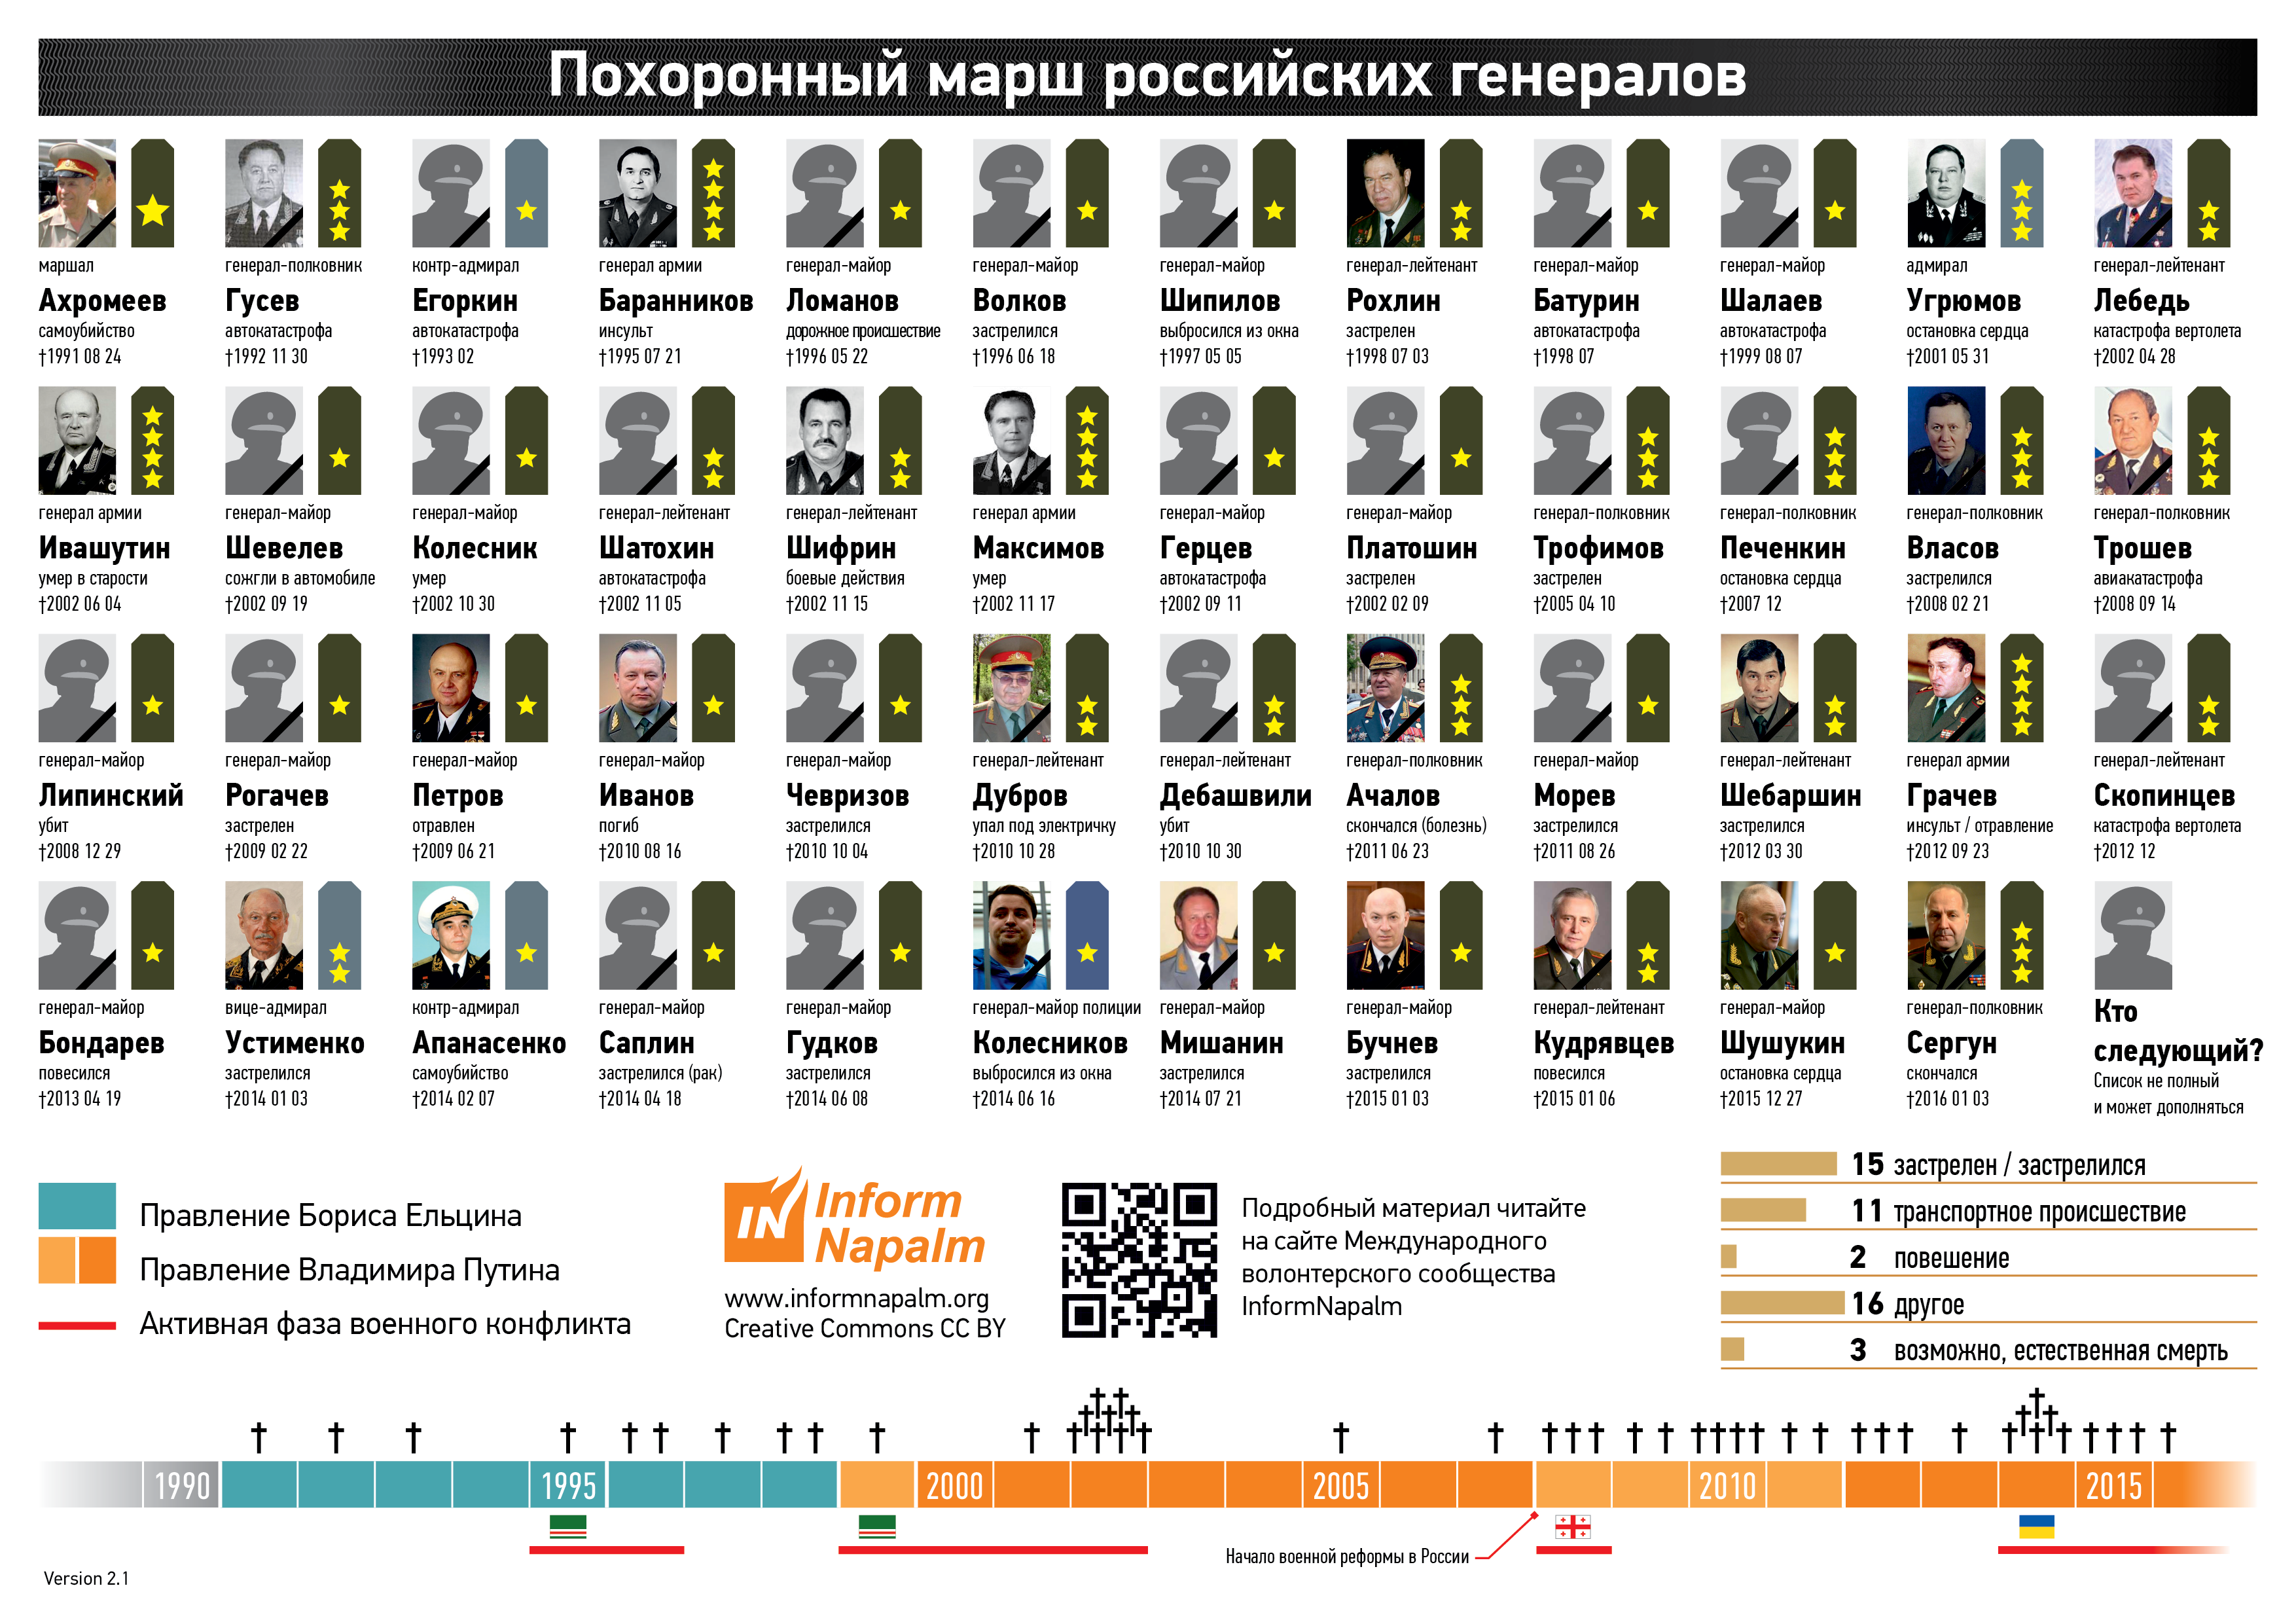 Несколько генералов ВС РФ, выполнявших преступные приказы Кремля на Донбассе, направлены на руководящие должности в составе группировки войск РФ в Сирии, - ГУР Минобороны - Цензор.НЕТ 3227